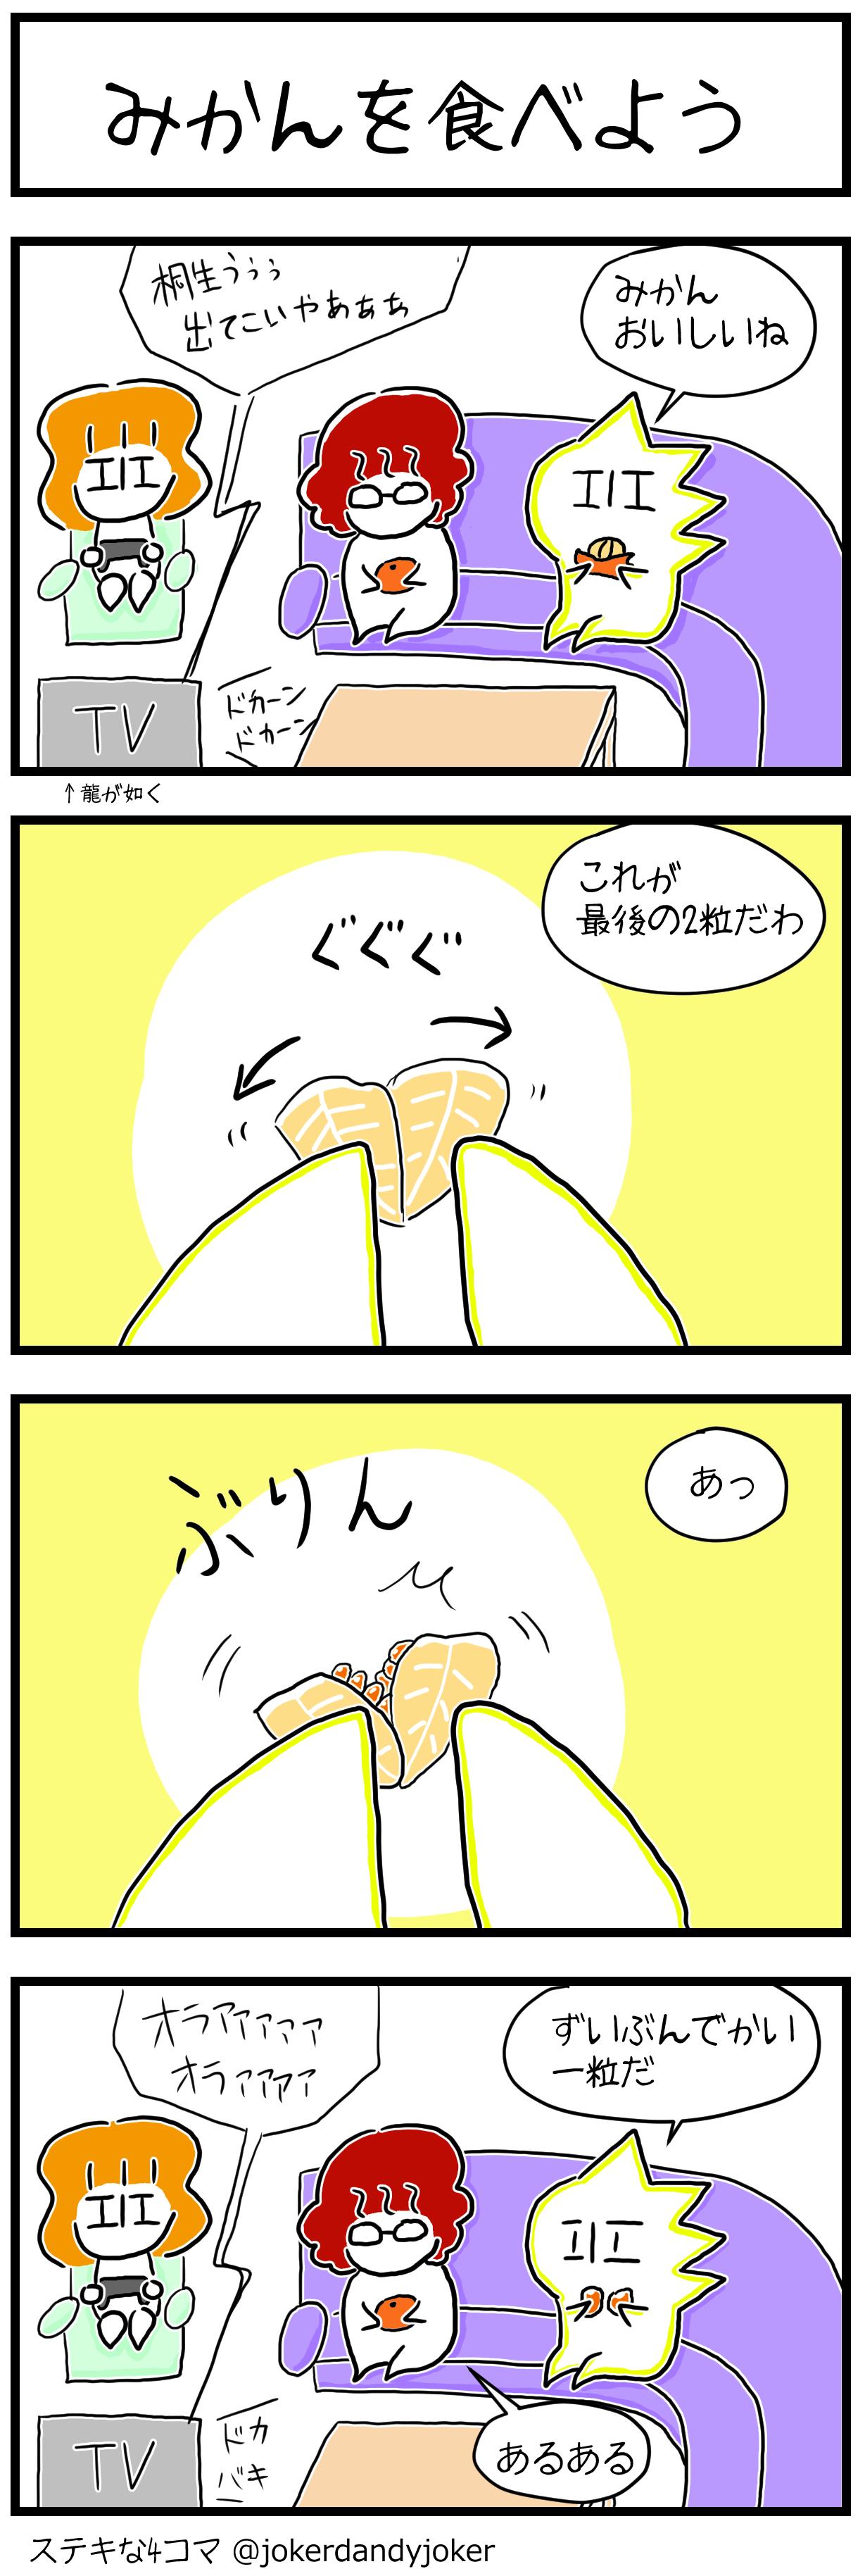 みかんを食べよう